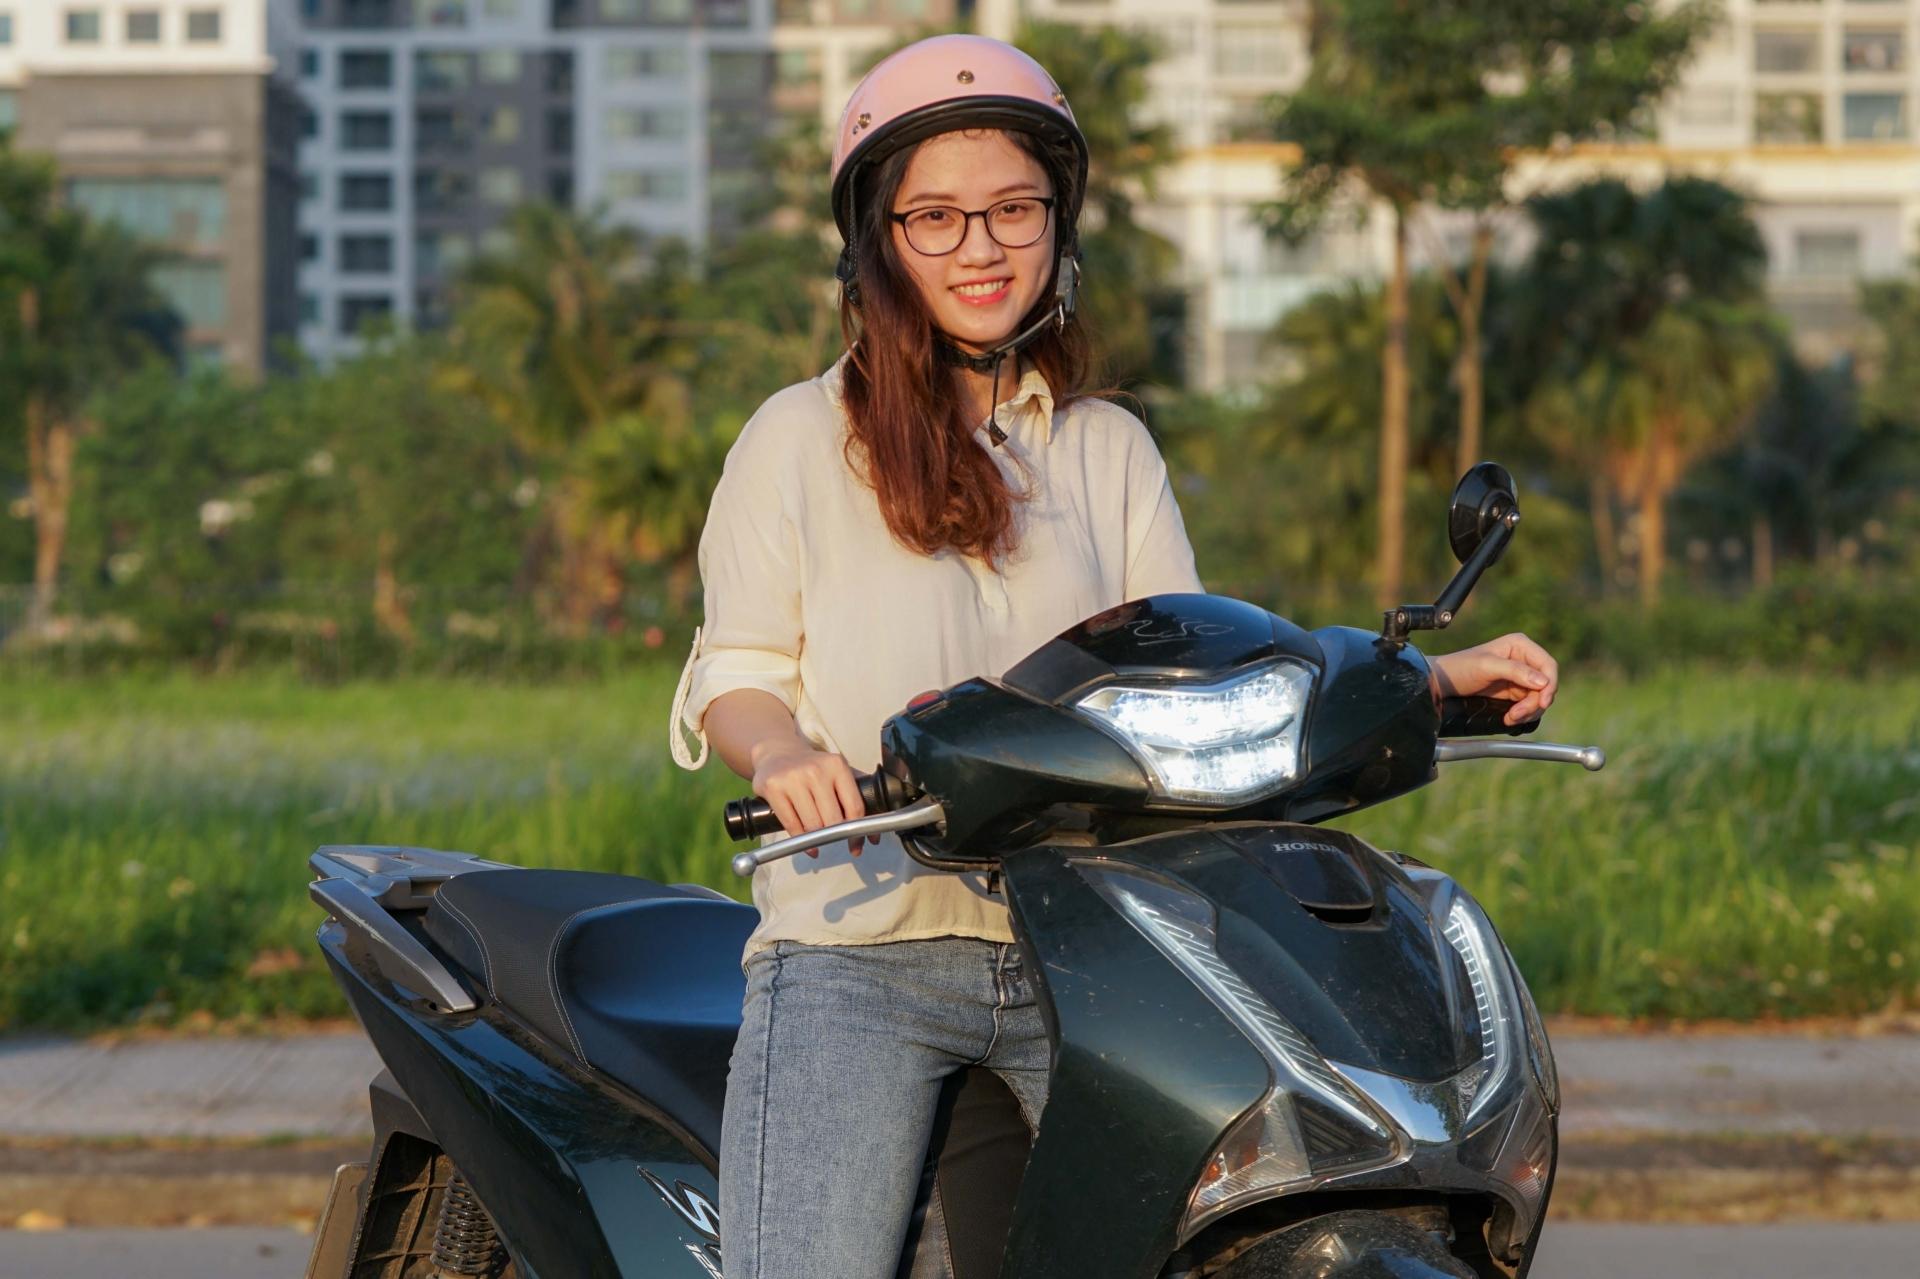 Chuyên gia, người dân nói gì về đề xuất bật đèn xe máy ban ngày?